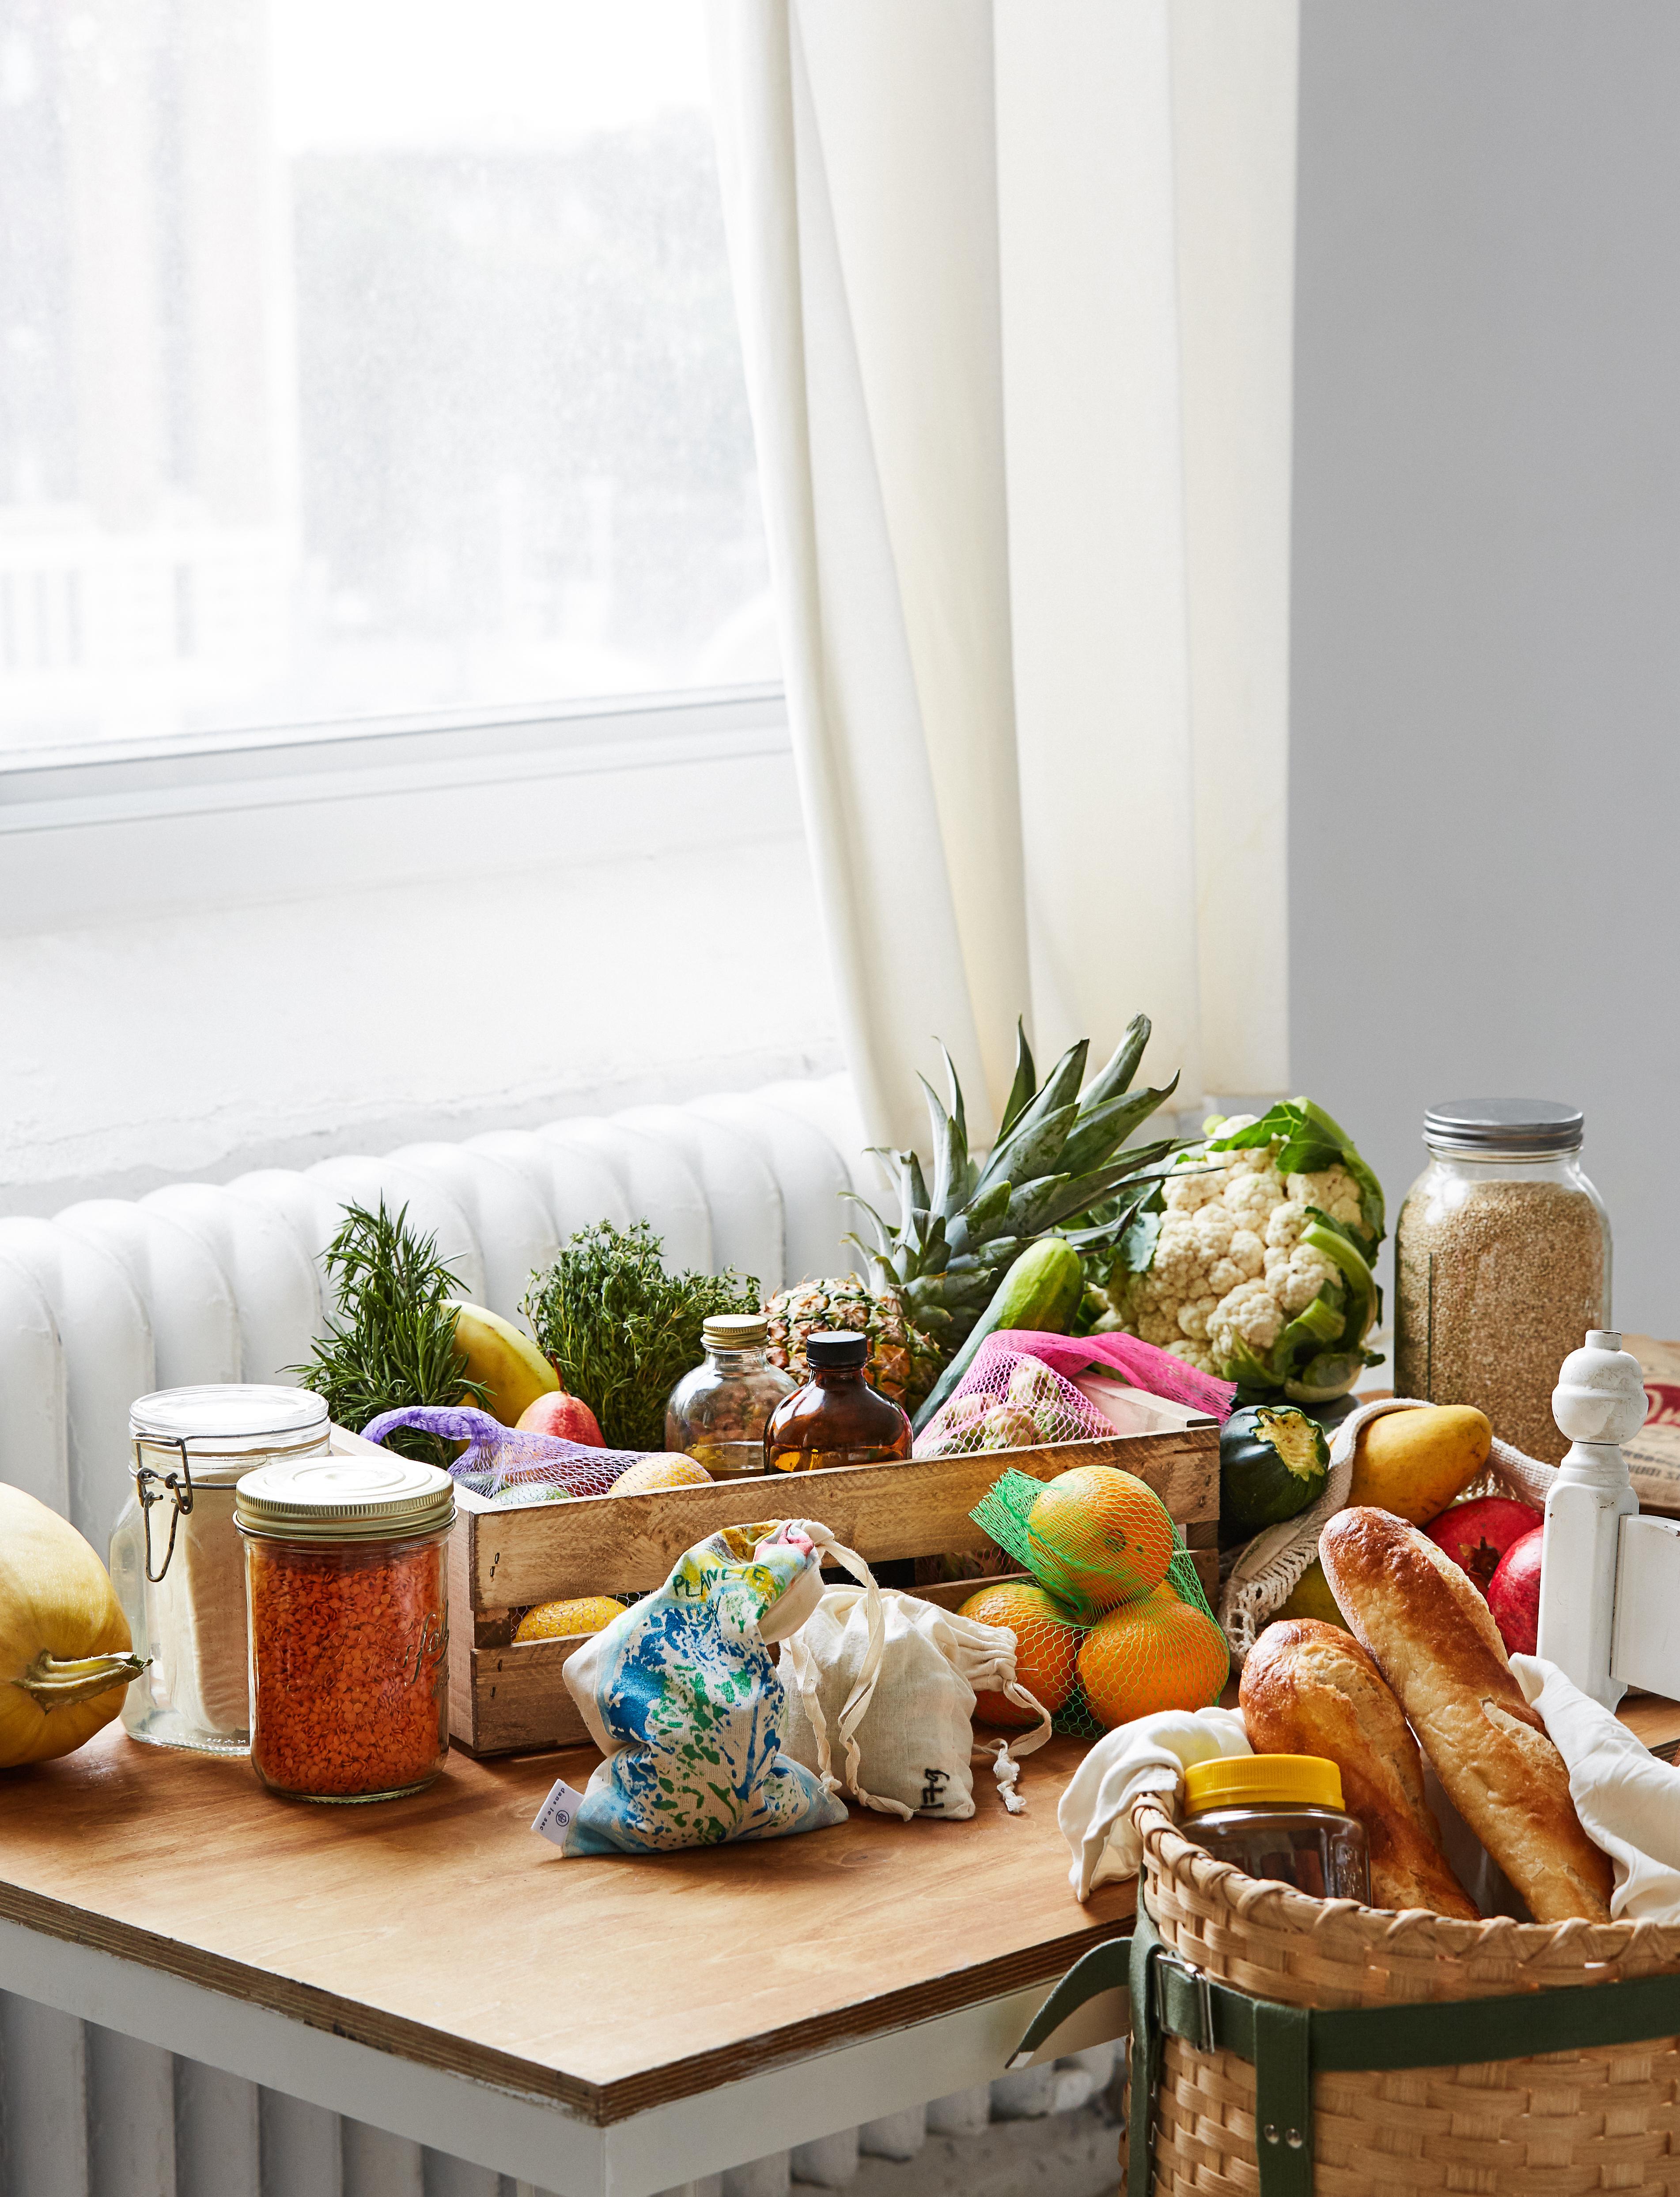 Réduire le gaspillage alimentaire - Chic Frigo Sans Fric